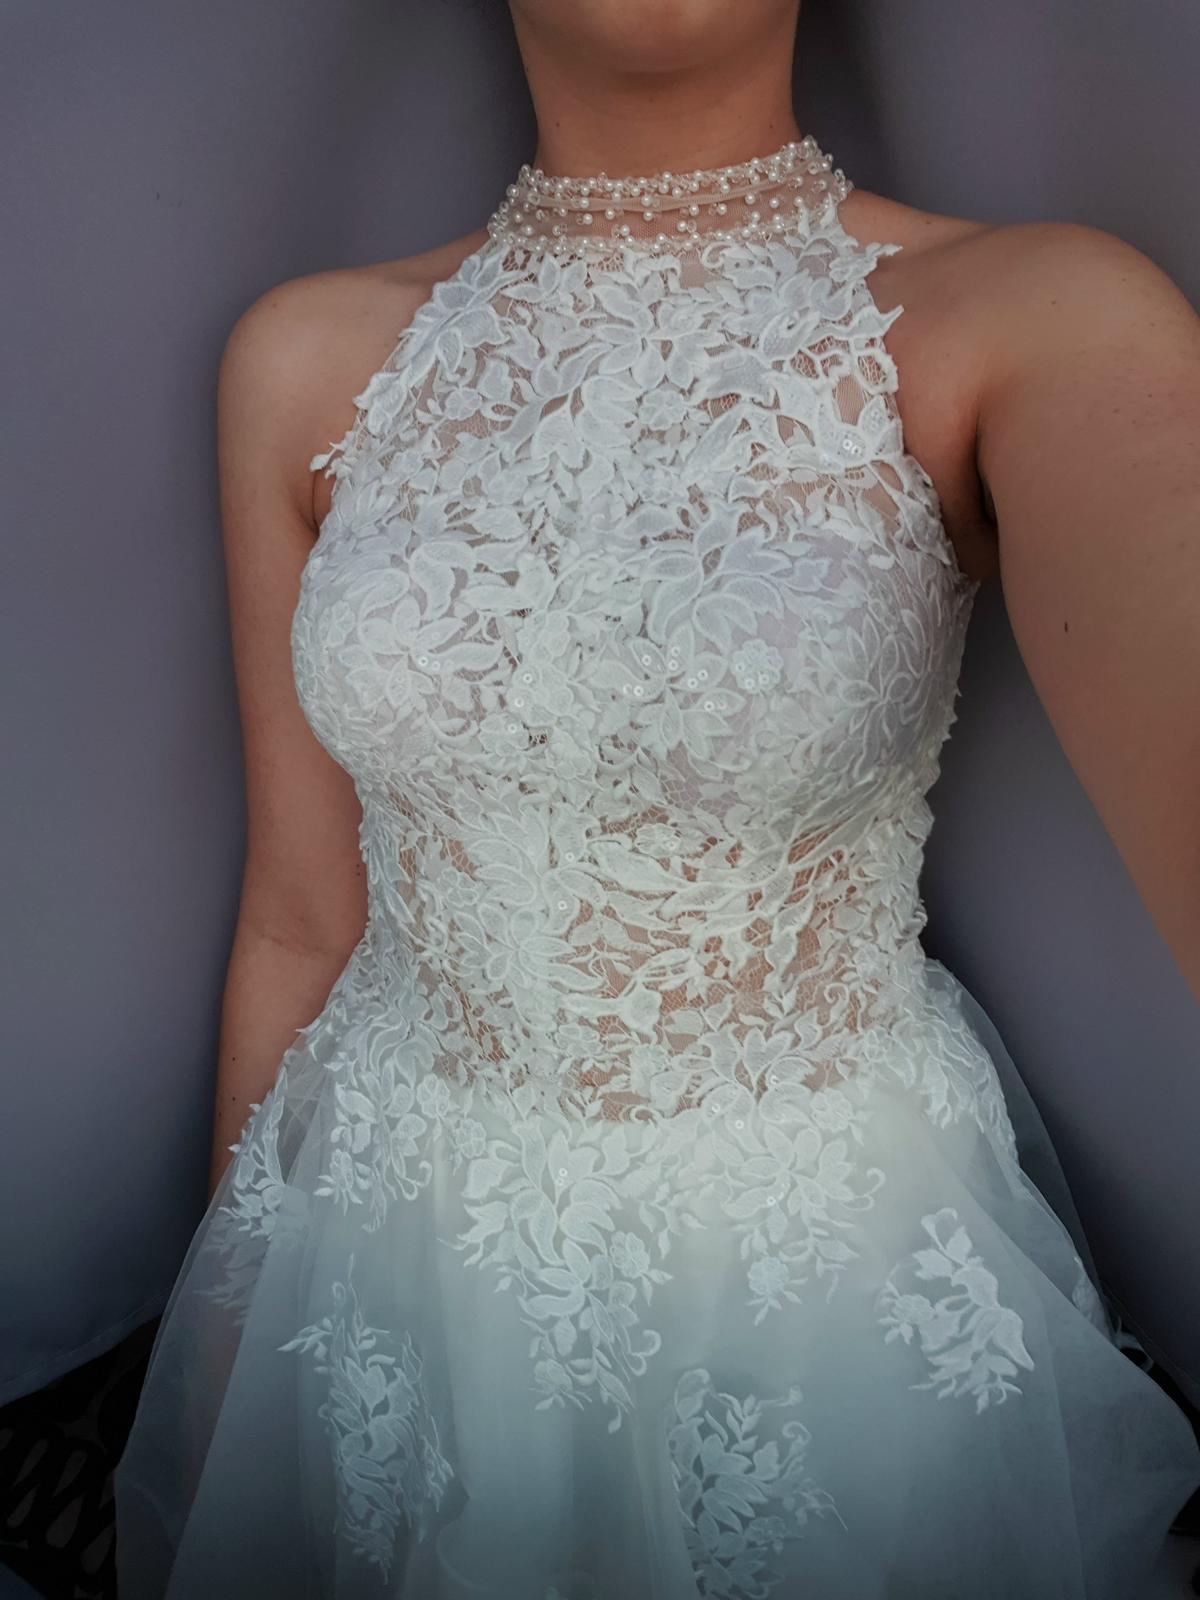 Svadobné šaty - nepoužité - netypický výstrih - Obrázok č. 1